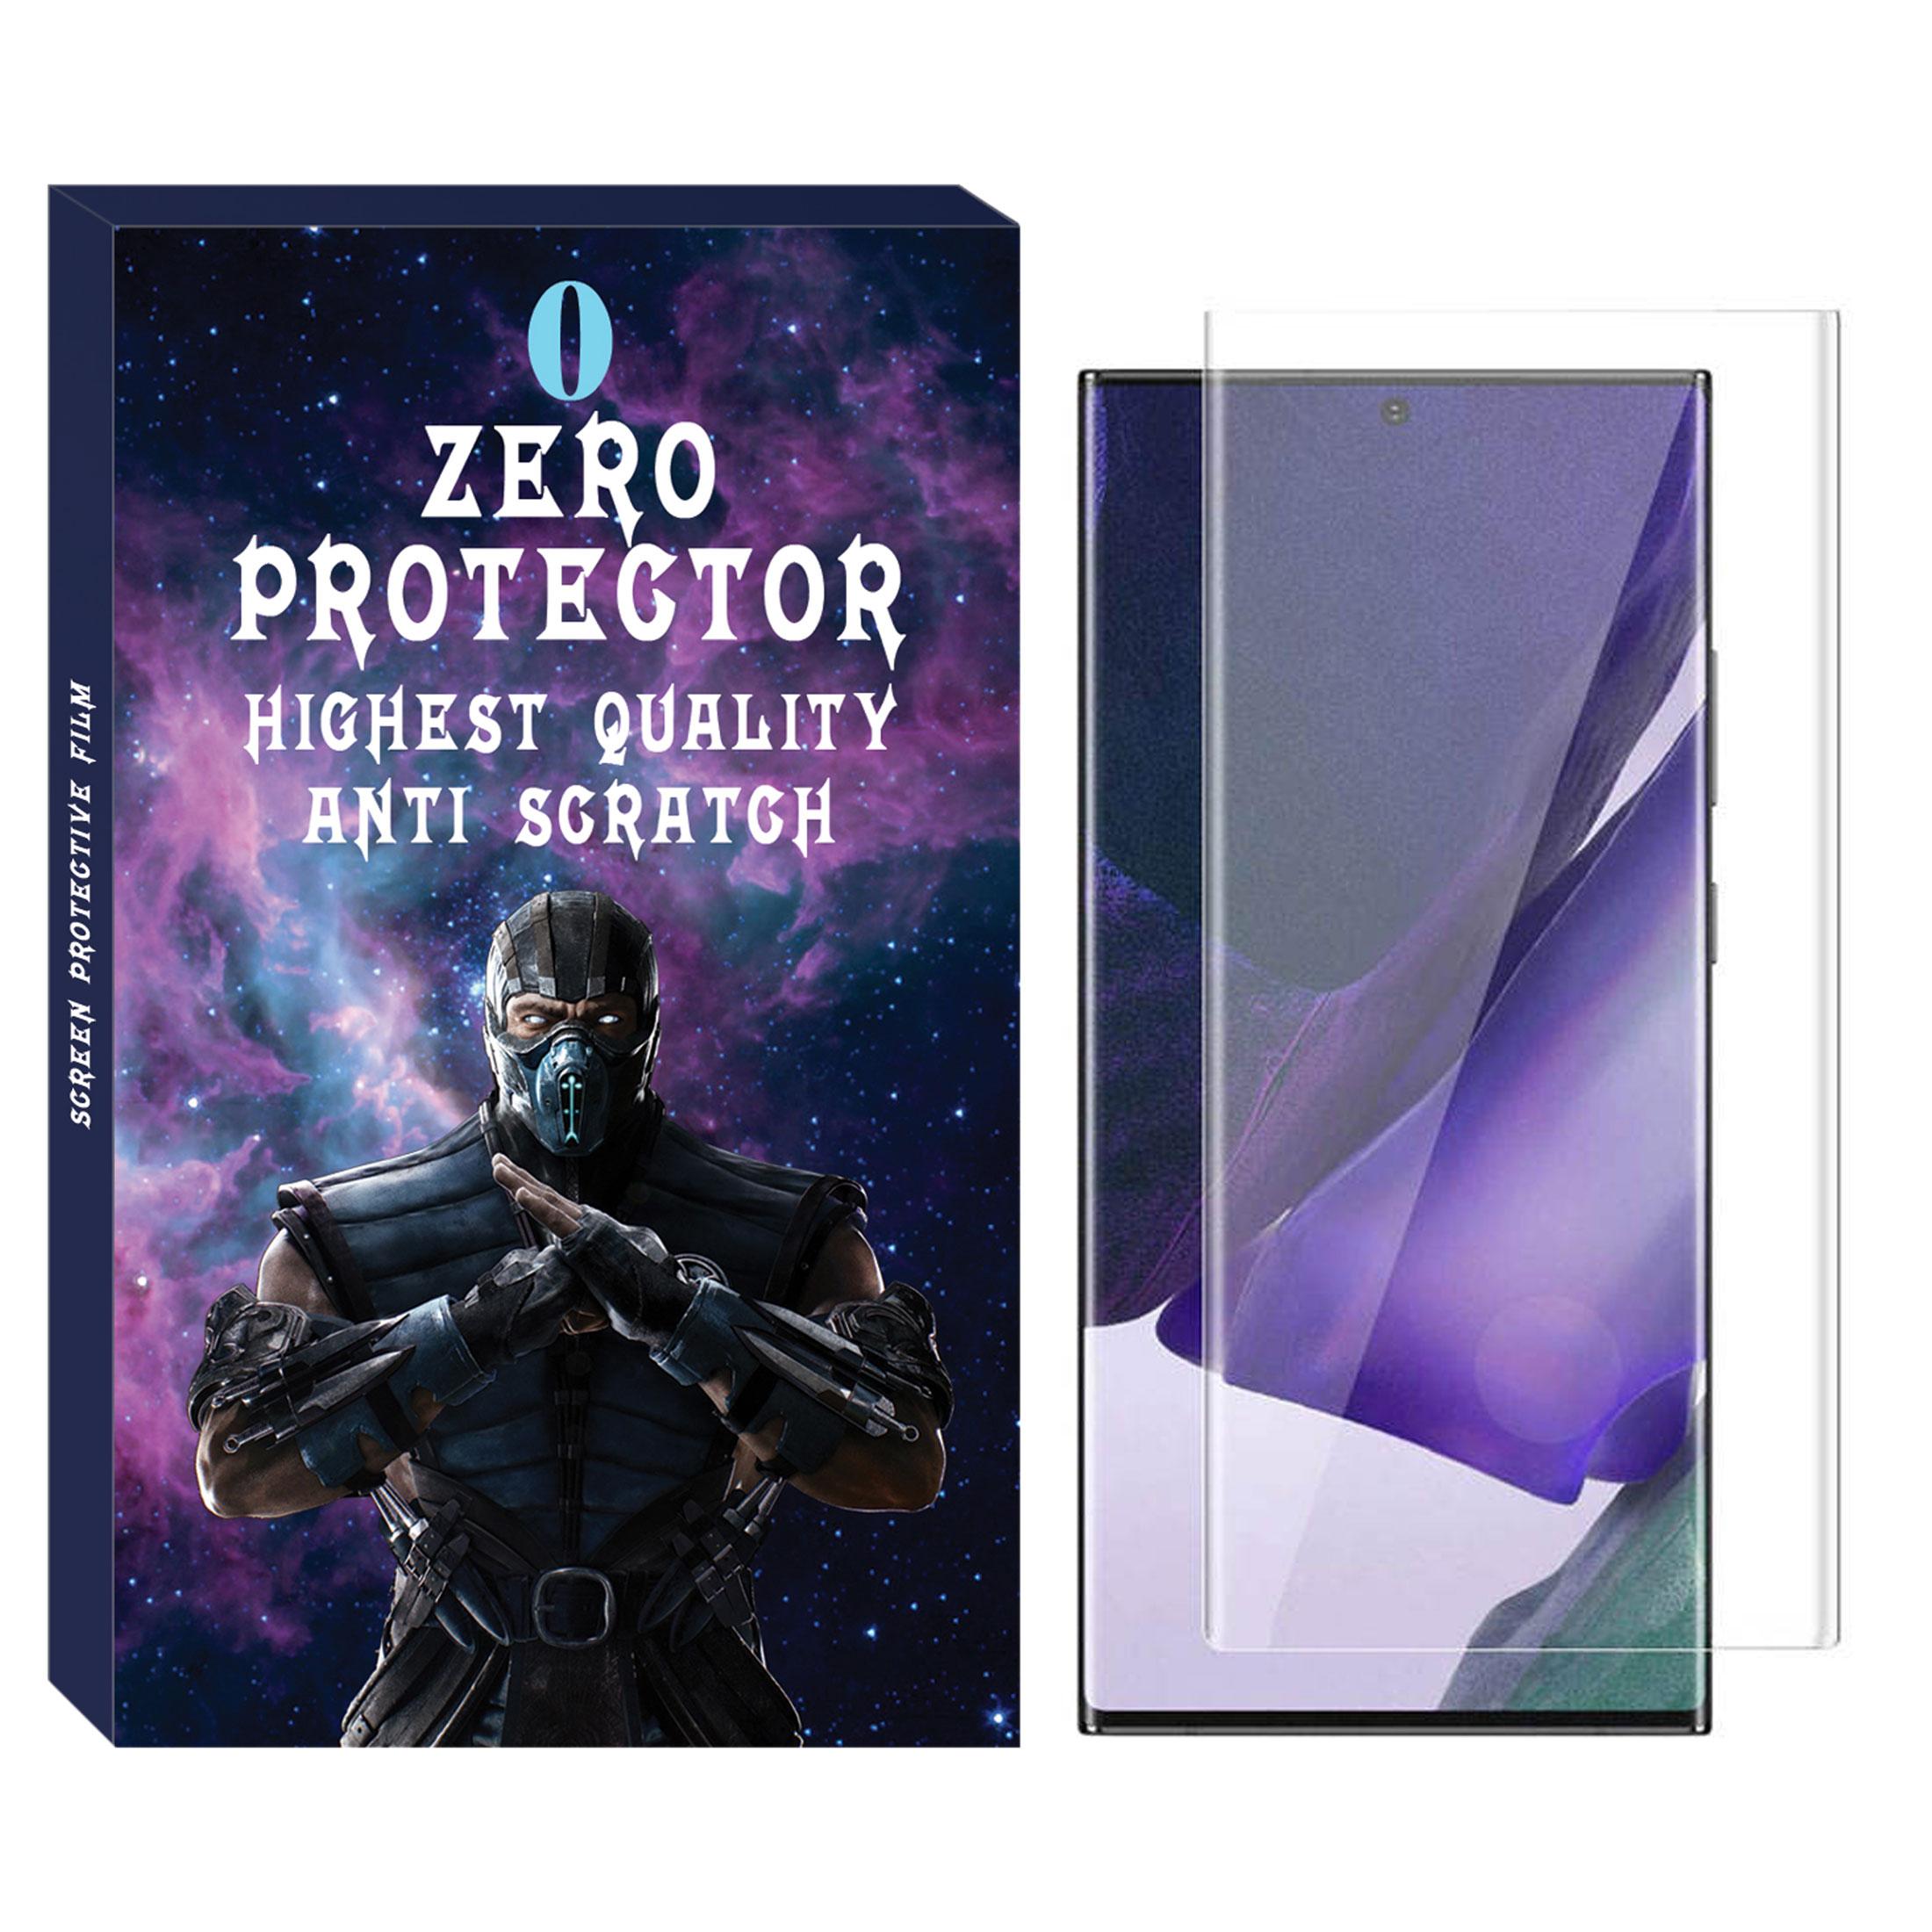 محافظ صفحه نمایش یووی لایت زیرو مدل UVZ-01 مناسب برای گوشی موبایل سامسونگ Galaxy Note 20 Ultra              ( قیمت و خرید)